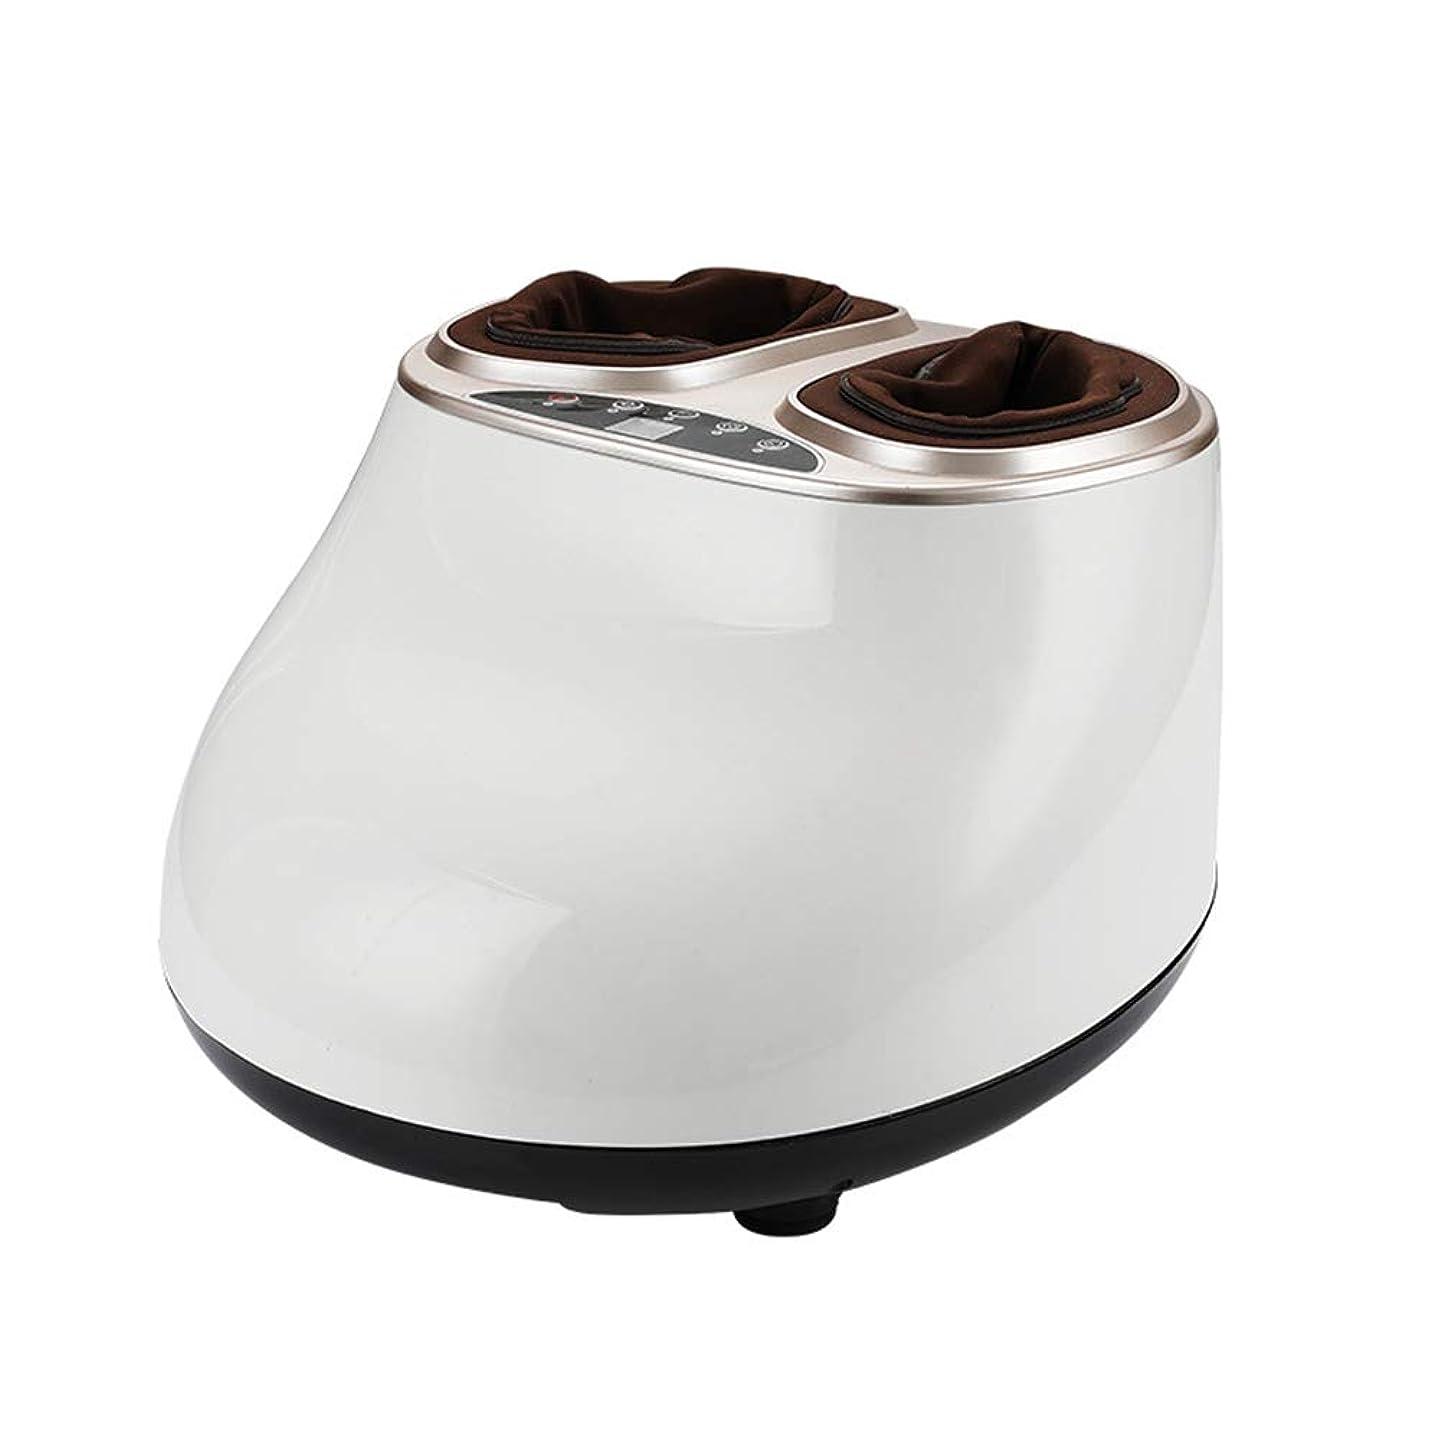 徹底的にしかしながらチョップ指圧電動足マッサージ機、熱、ローリングおよび空気圧縮による深部組織練りによる足裏マッサージ、足底筋膜炎慢性神経痛治療のための調整可能な強度